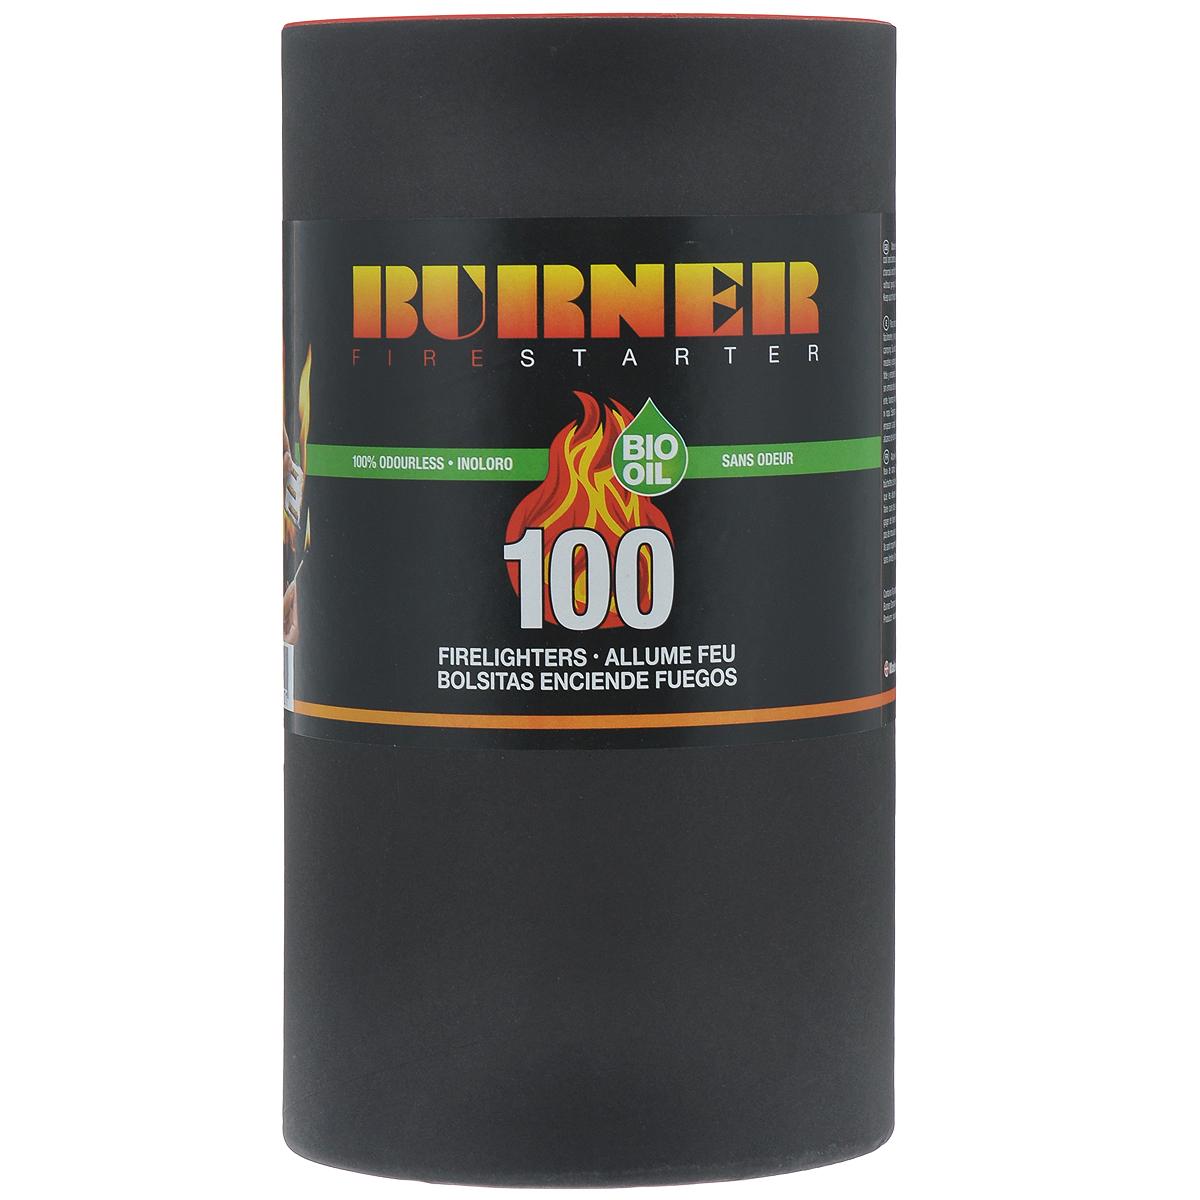 Средство для розжига Burner, в бочонке, 100 пакетов23100Розжиг Burner экологически безопасен, удобен в хранении и перевозке - никакой грязи и запахов. Идеальное средство для розжига мангалов, каминов, печей и костров. Кроме того, розжиг Burner не боится сырости и поэтому идеален в походе, на рыбалке, охоте, и в других достаточно экстремальных условиях, когда необходимо разжечь костер для обогрева или приготовления пищи.В комплект входит 100 пакетиков для розжига.Состав: высококачественные N-парафины, растительные масла.